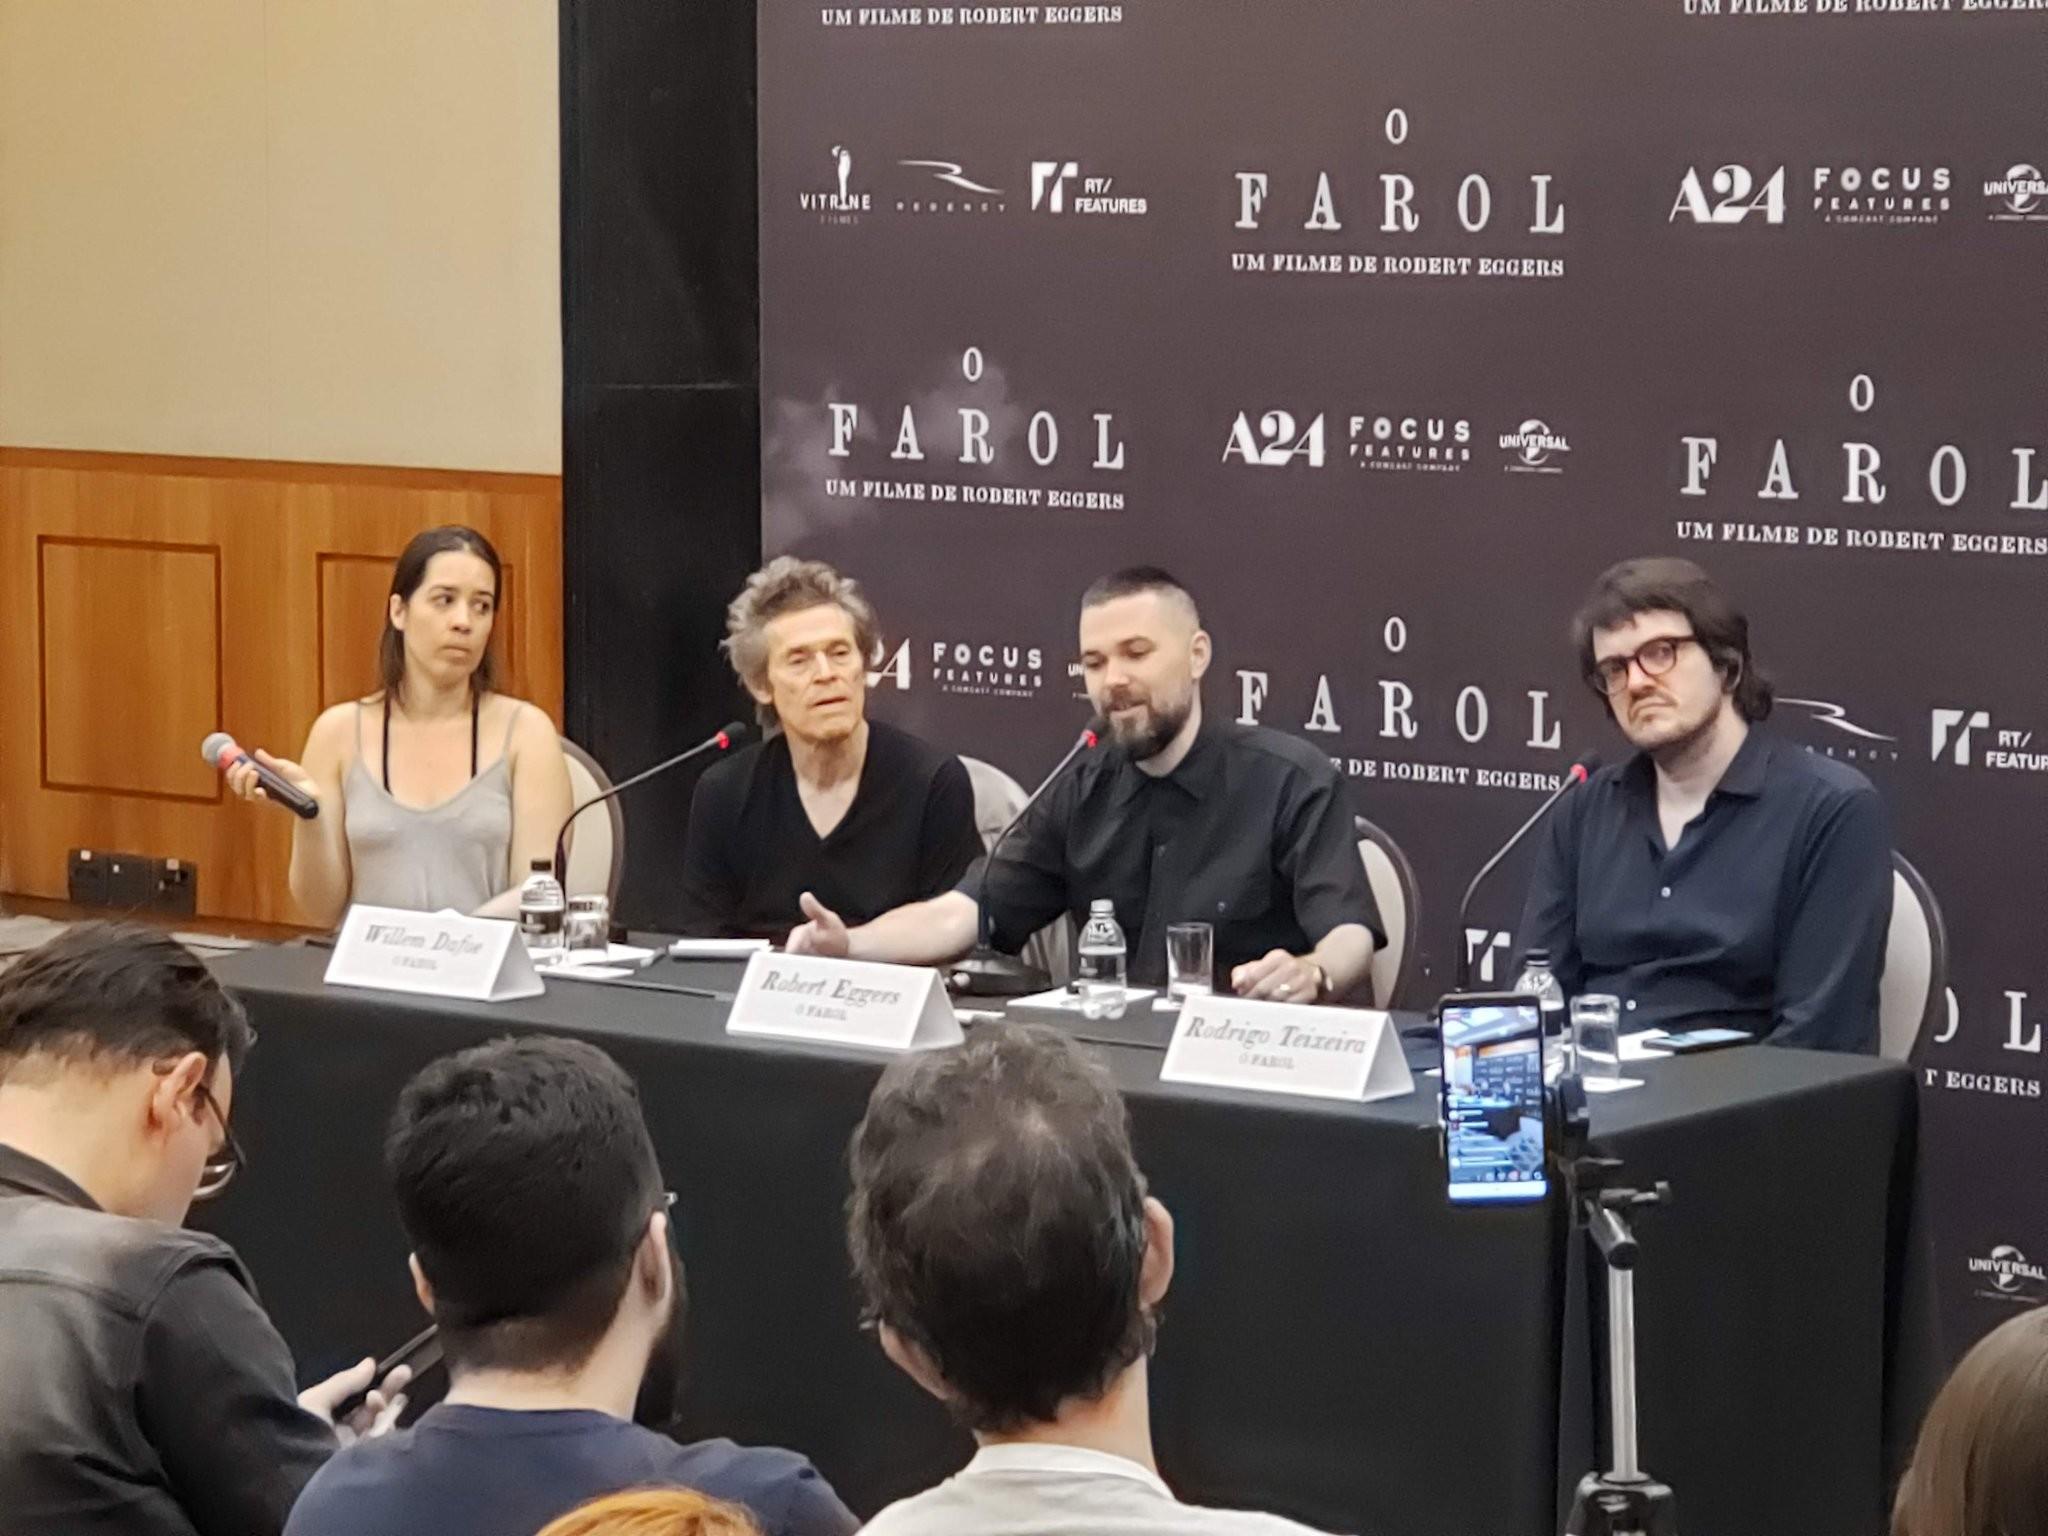 """coletiva de imprensa de """"O Farol"""", com Robert Eggers, Willem Dafoe e Rodrigo Teixeira"""